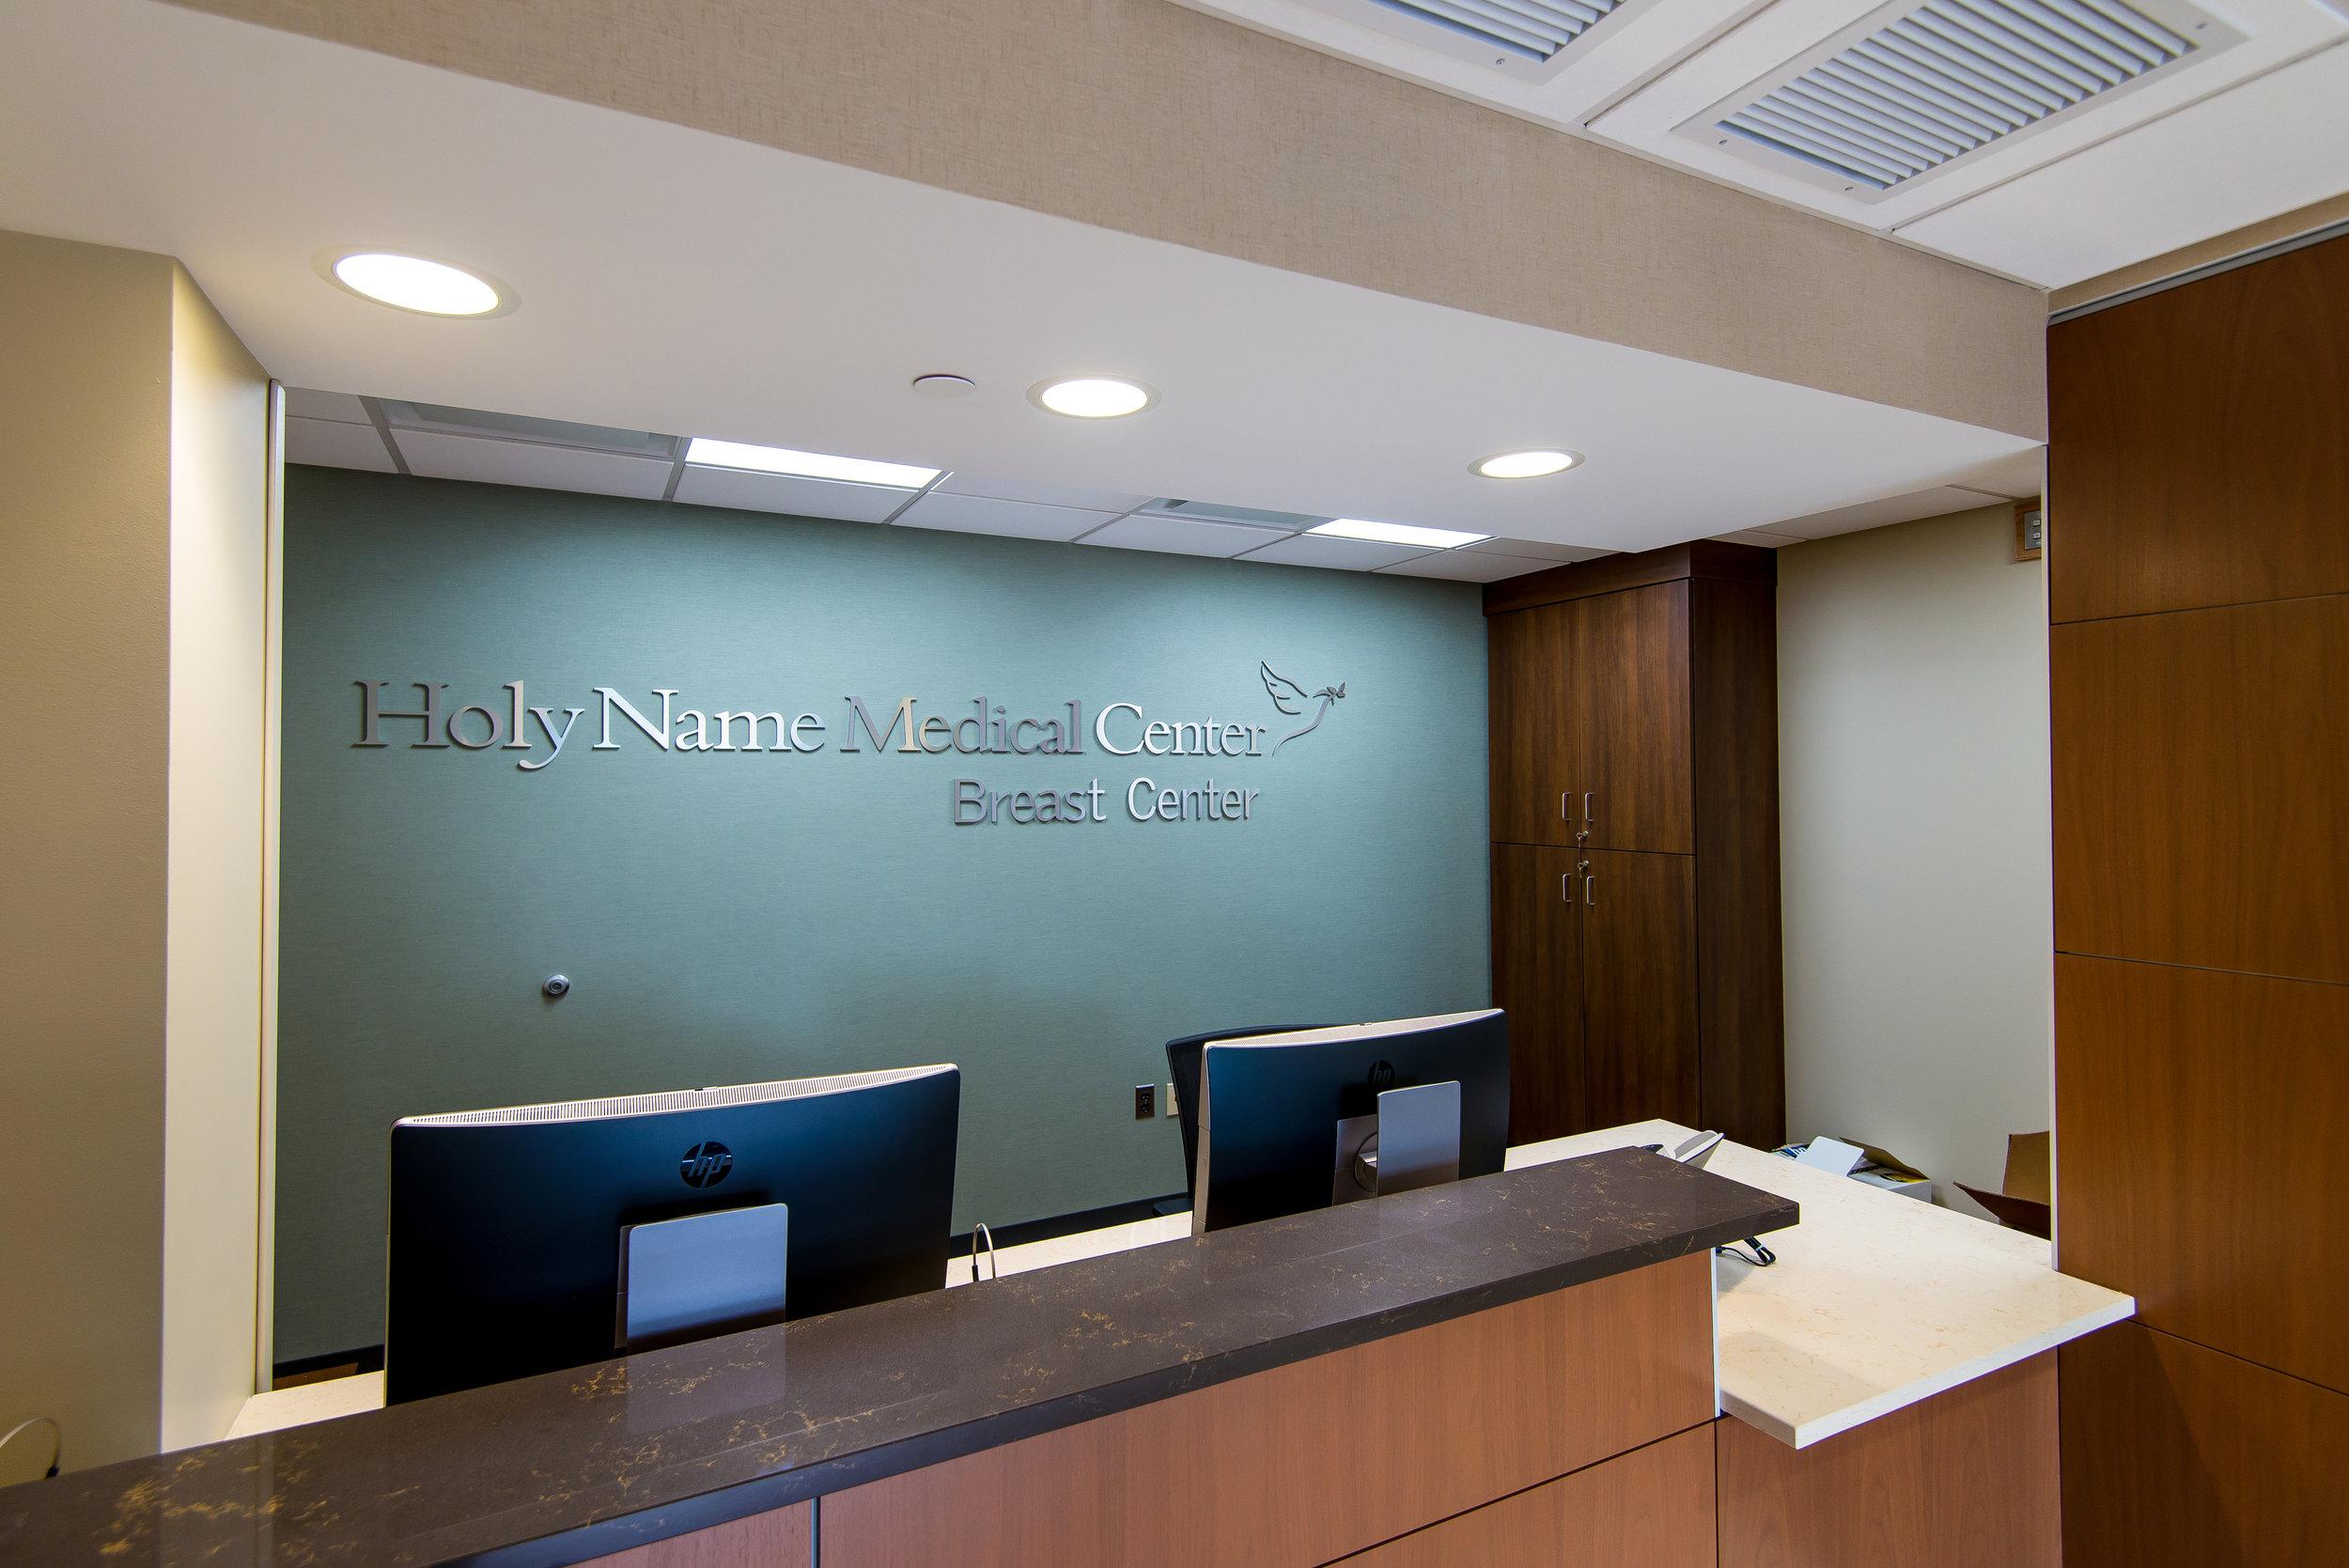 Holy Name Medical Center